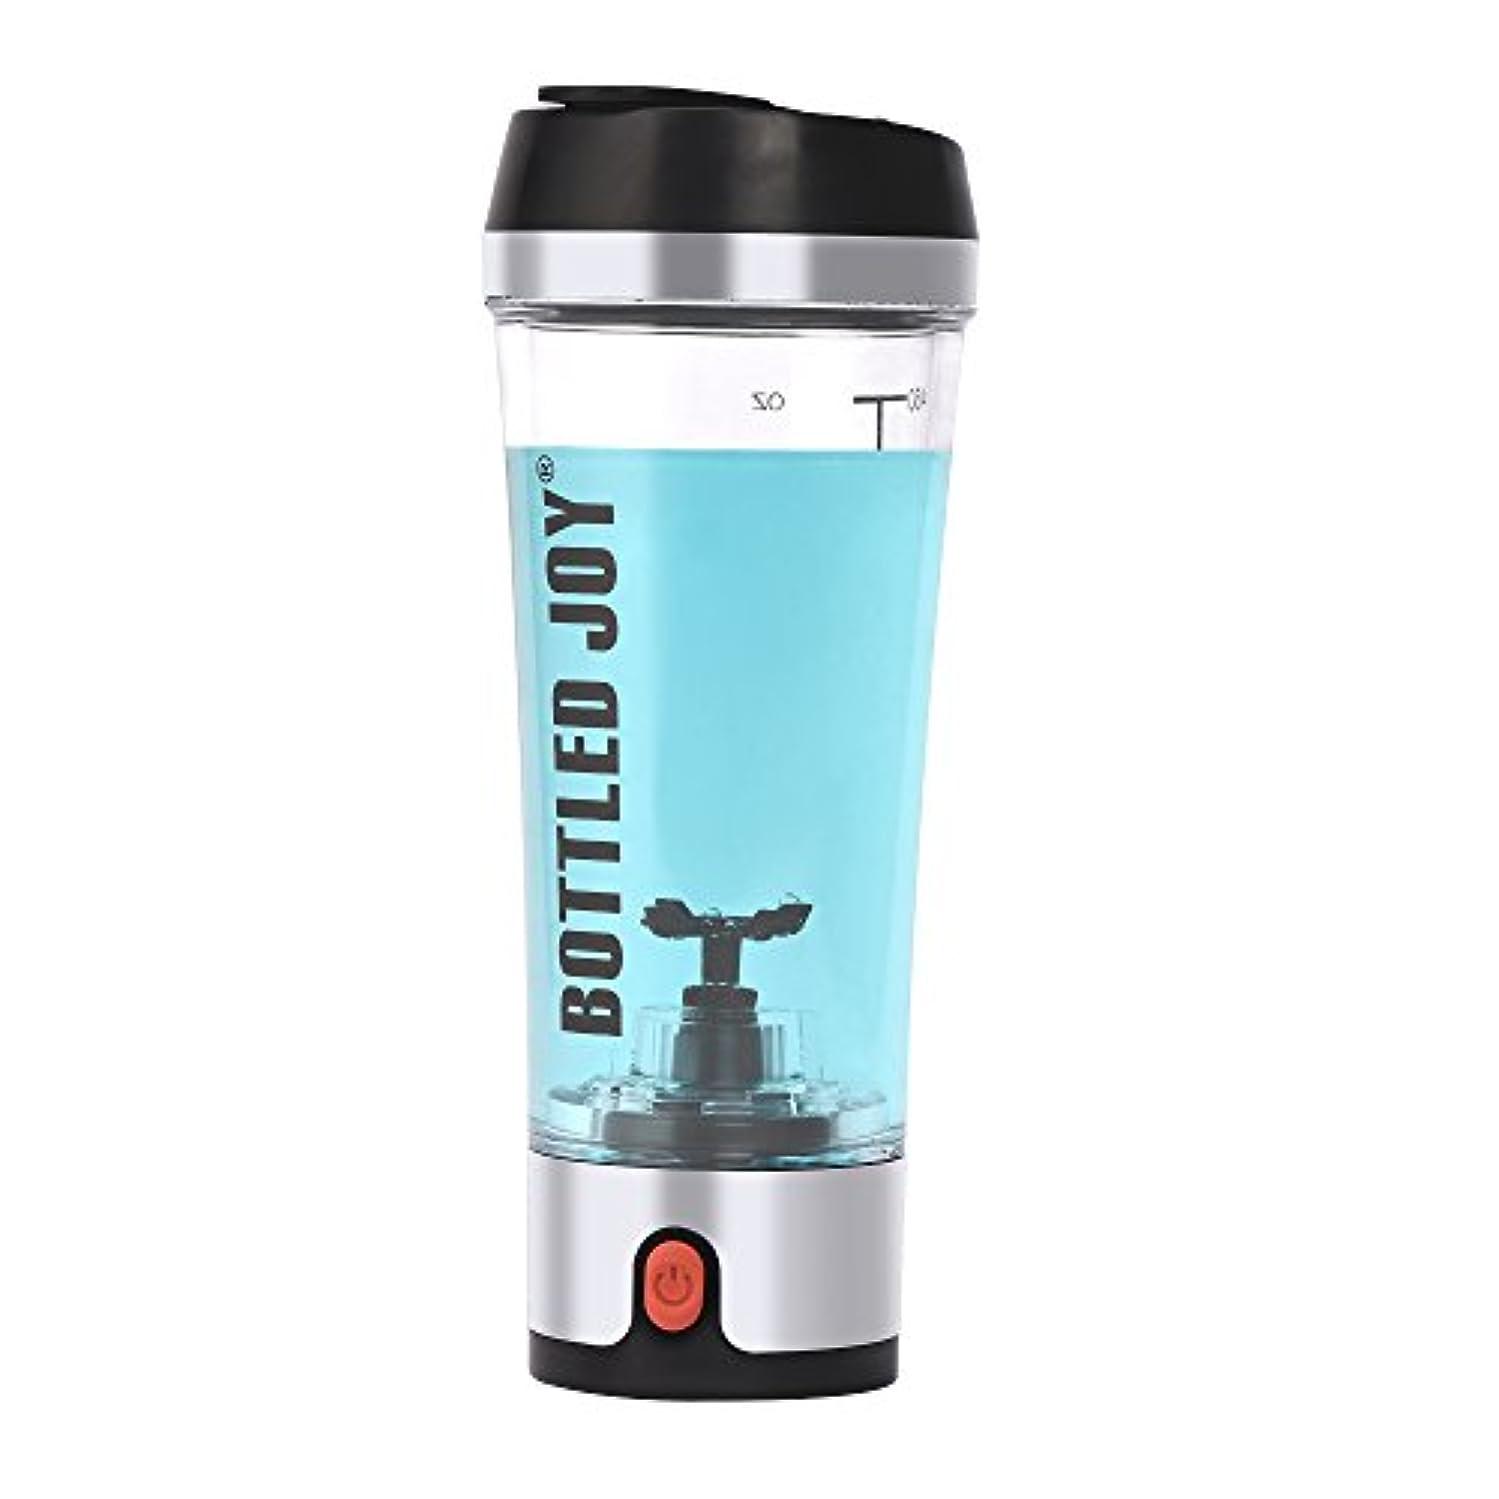 満たす広く災難Bottled Joy Electric Shaker Bottle、USB Rechargeable Protein Shaker、high-torque Stirring Blenderミキサーのスポーツマンと女性16oz...